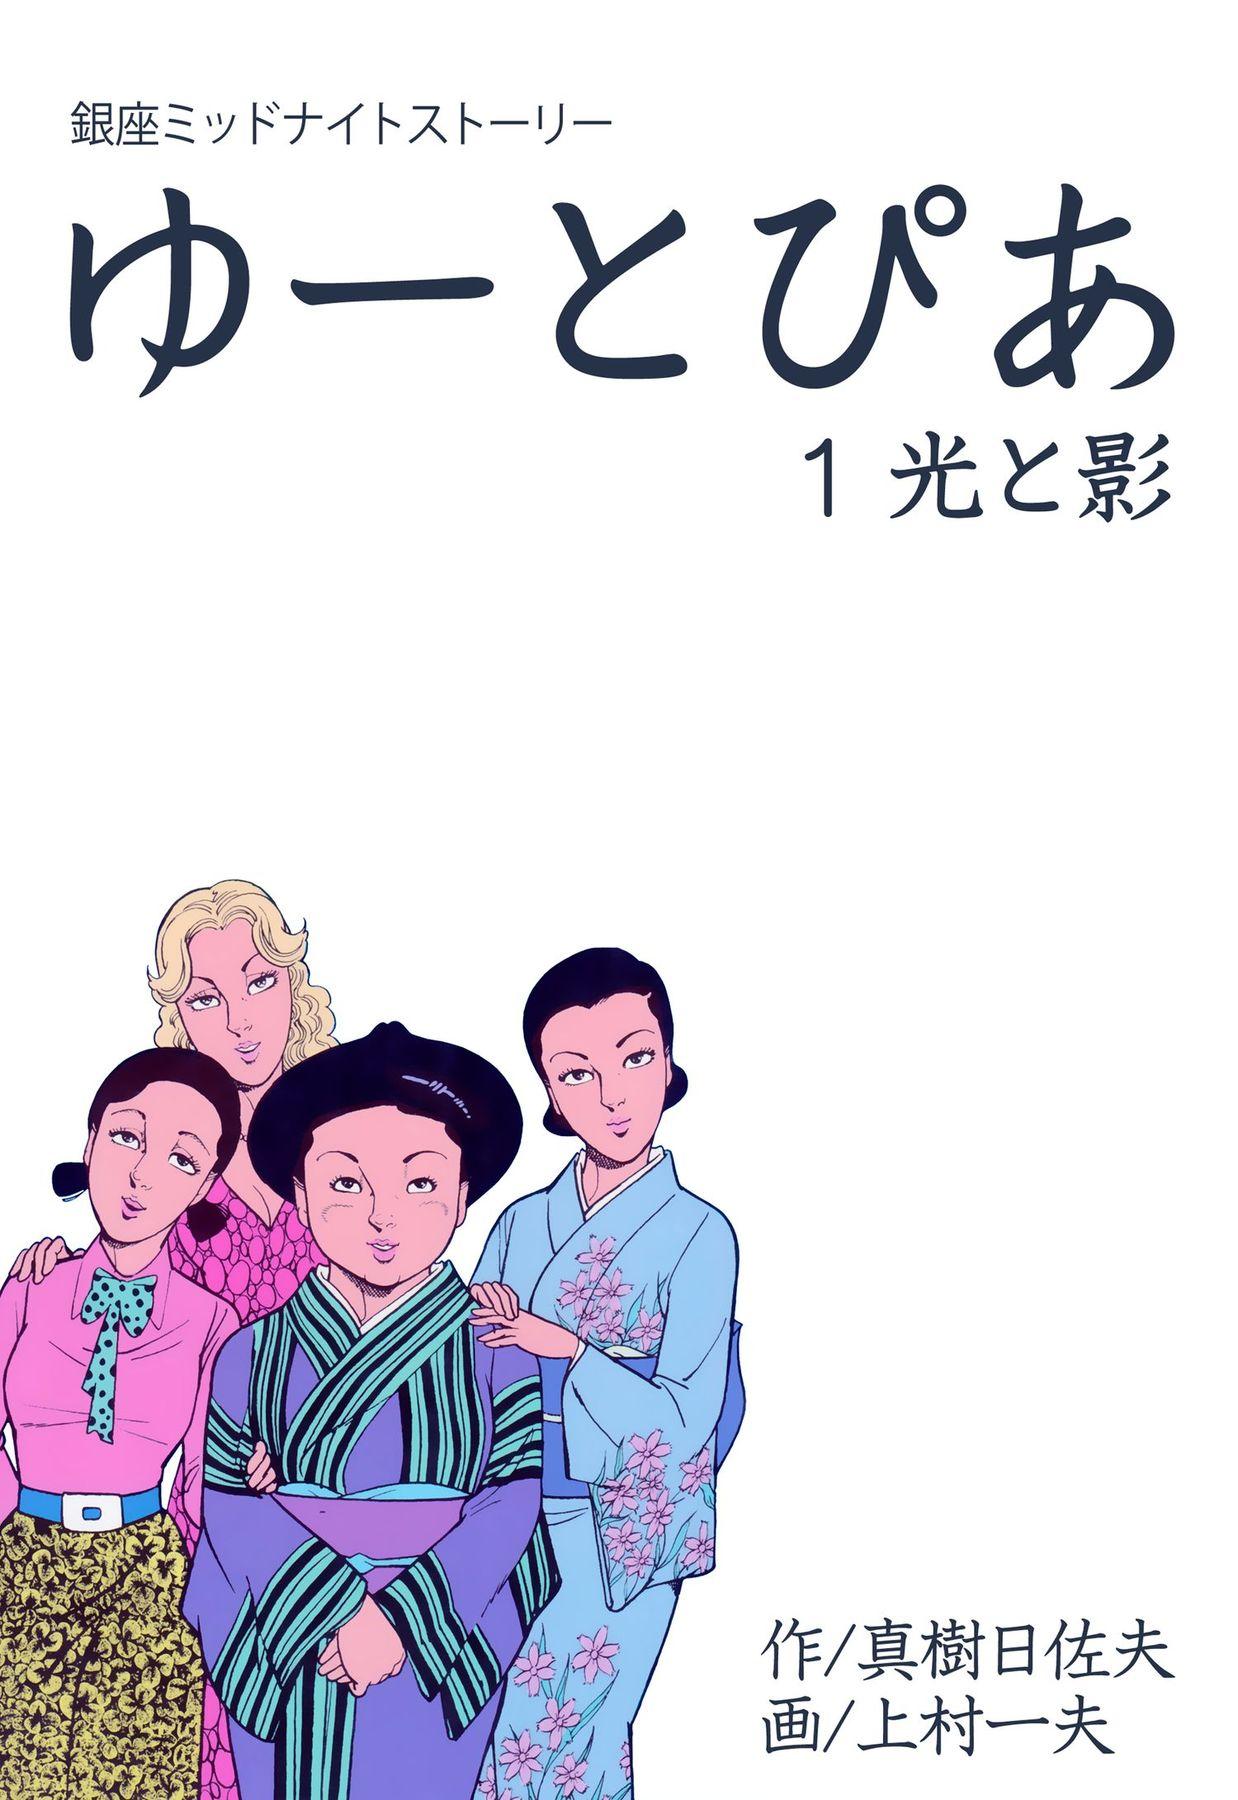 ゆーとぴあ~銀座ミッドナイトストーリー(第1巻)